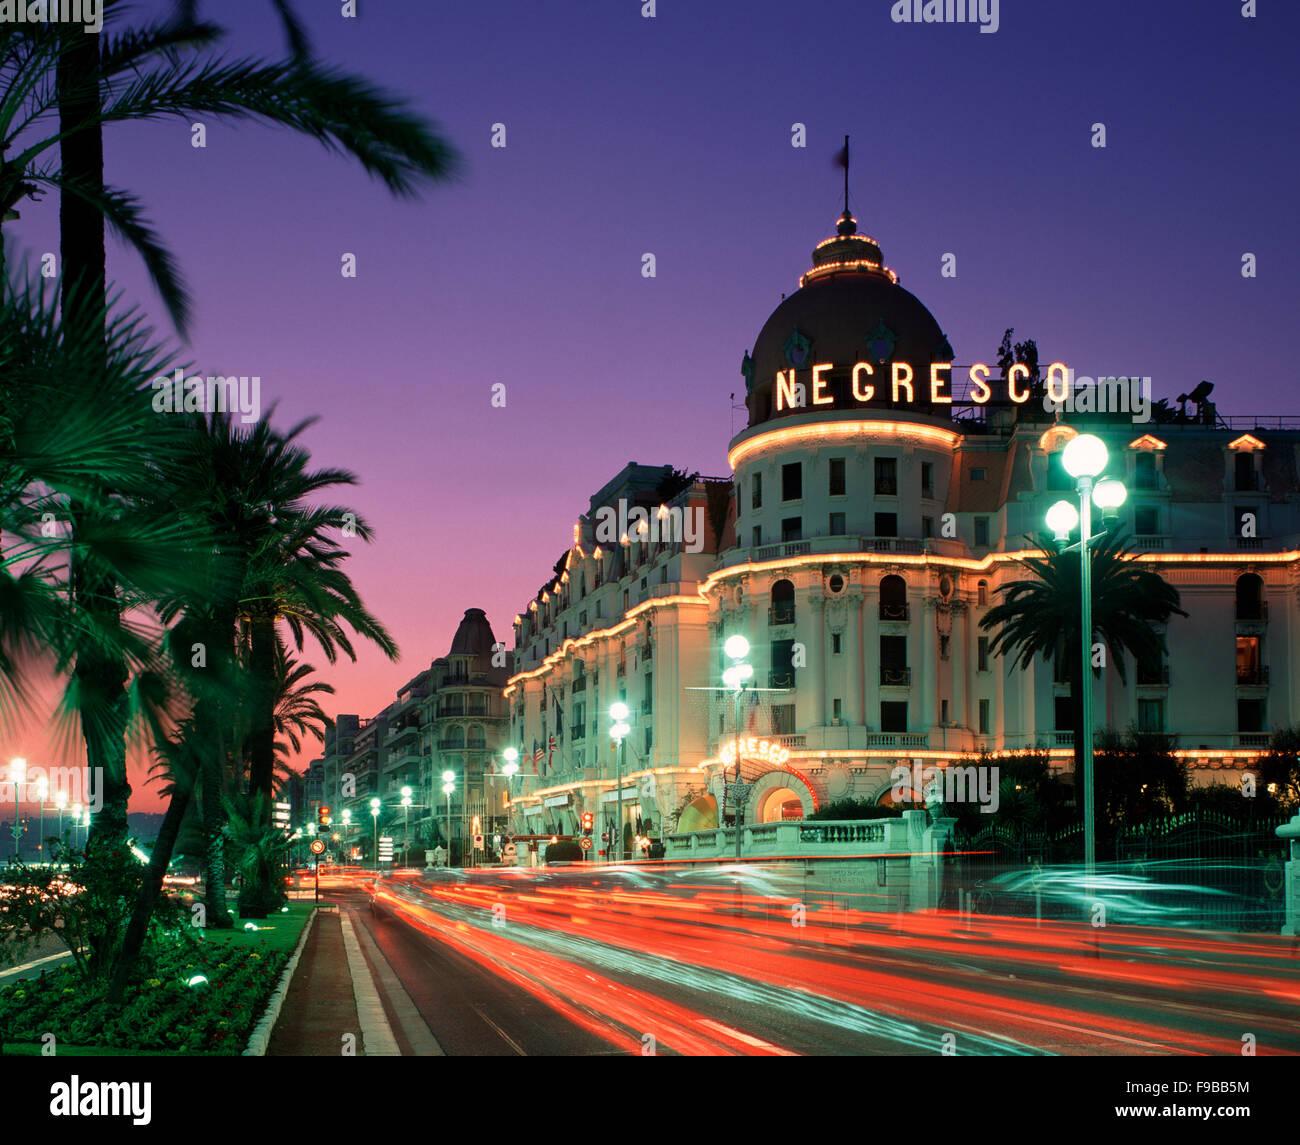 Promenade des Anglais e il Negresco Hotel, Nizza Cote d'Azur, in Francia Immagini Stock